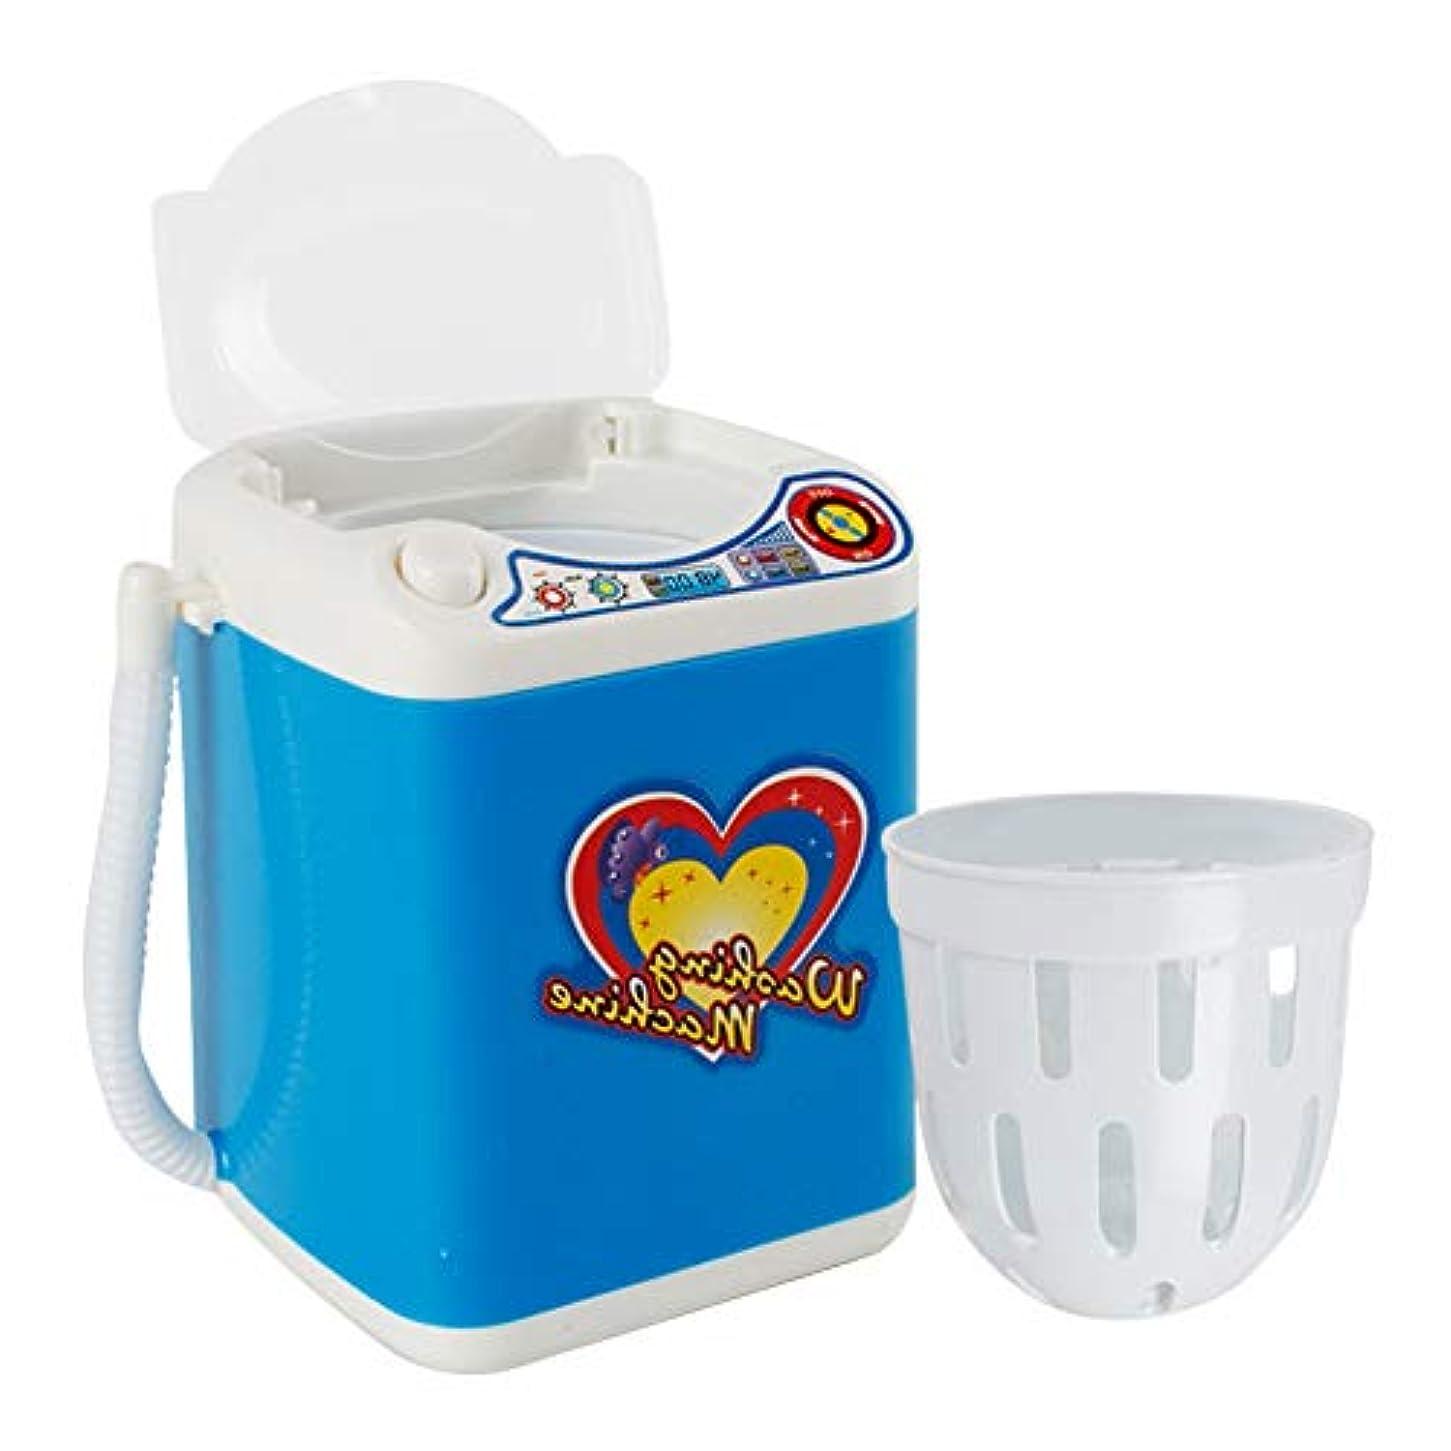 強制的障害スラック洗濯機丈夫なクリーニング子供家具玩具ポータブル自動回転ミニ電気ふりプレイ電池式ランドリー排水バスケット化粧ブラシ(ブルー)